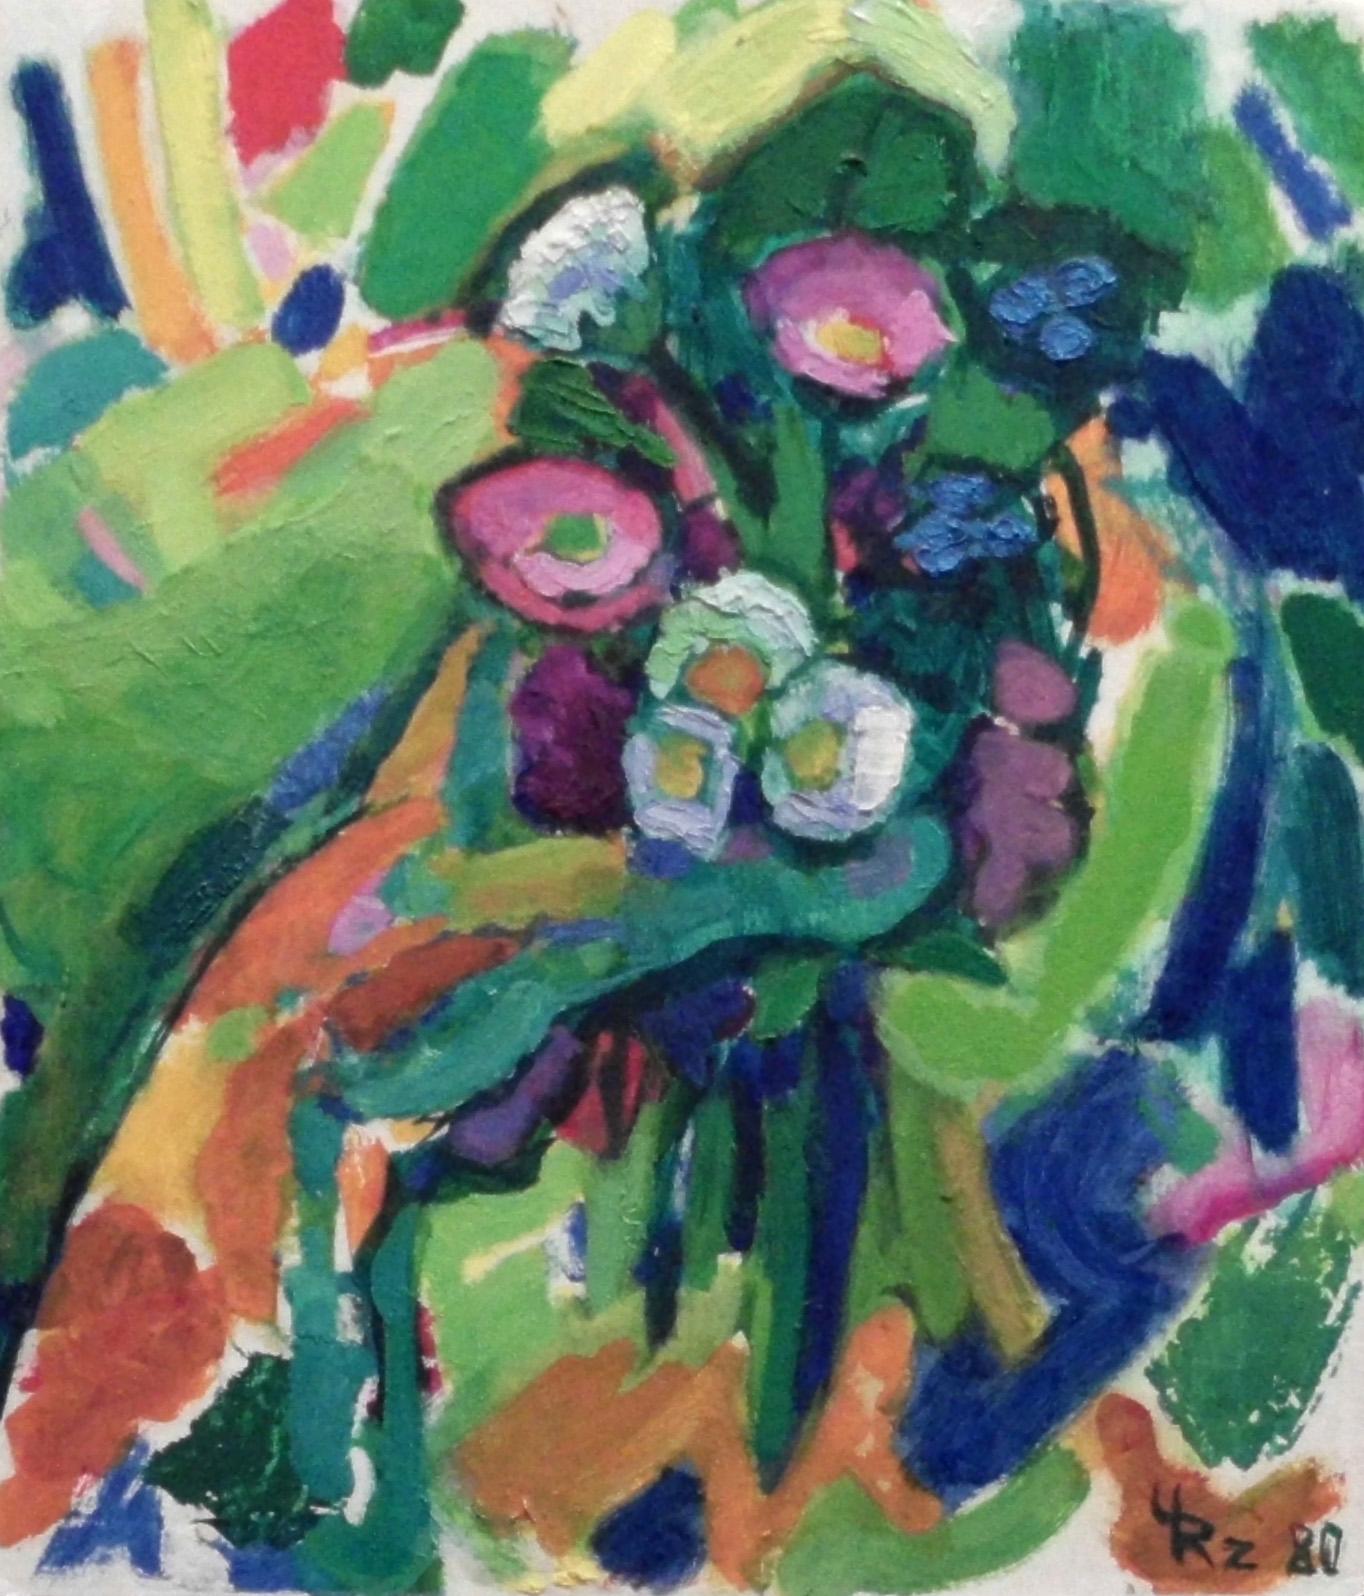 22-ursula_rzodeczko-hand_mit_fruehlingsblumen-1980-oel_auf_hartfaser-40x35